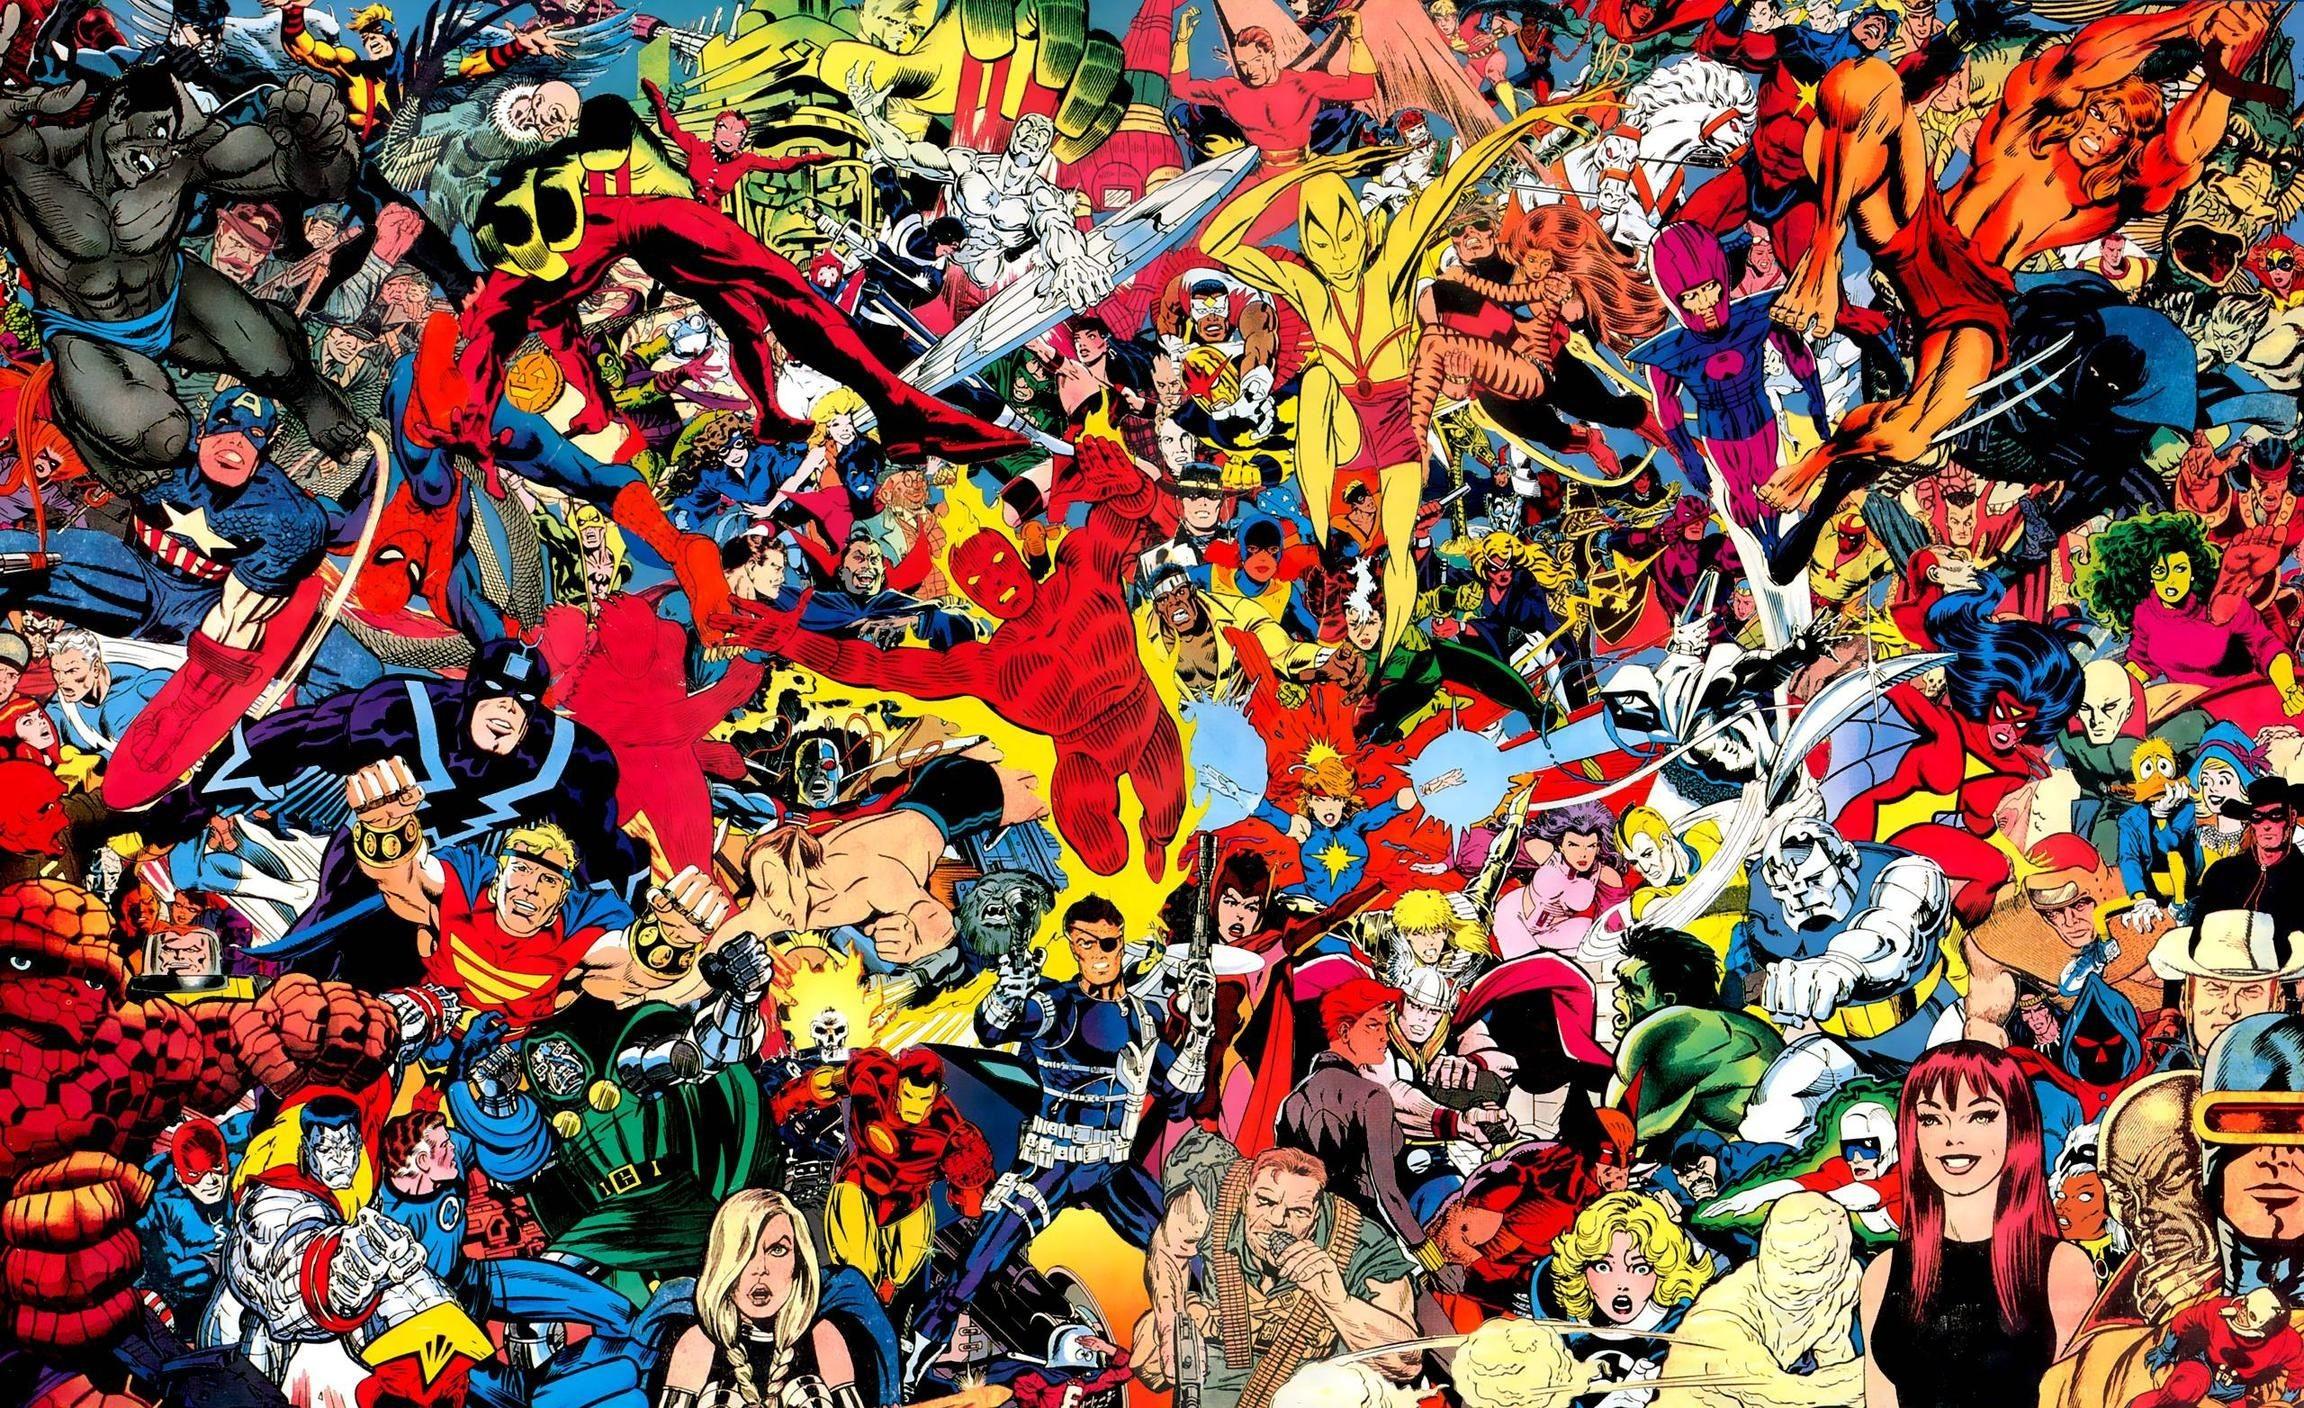 Res: 2304x1408, Classic Marvel Comics Wallpaper images